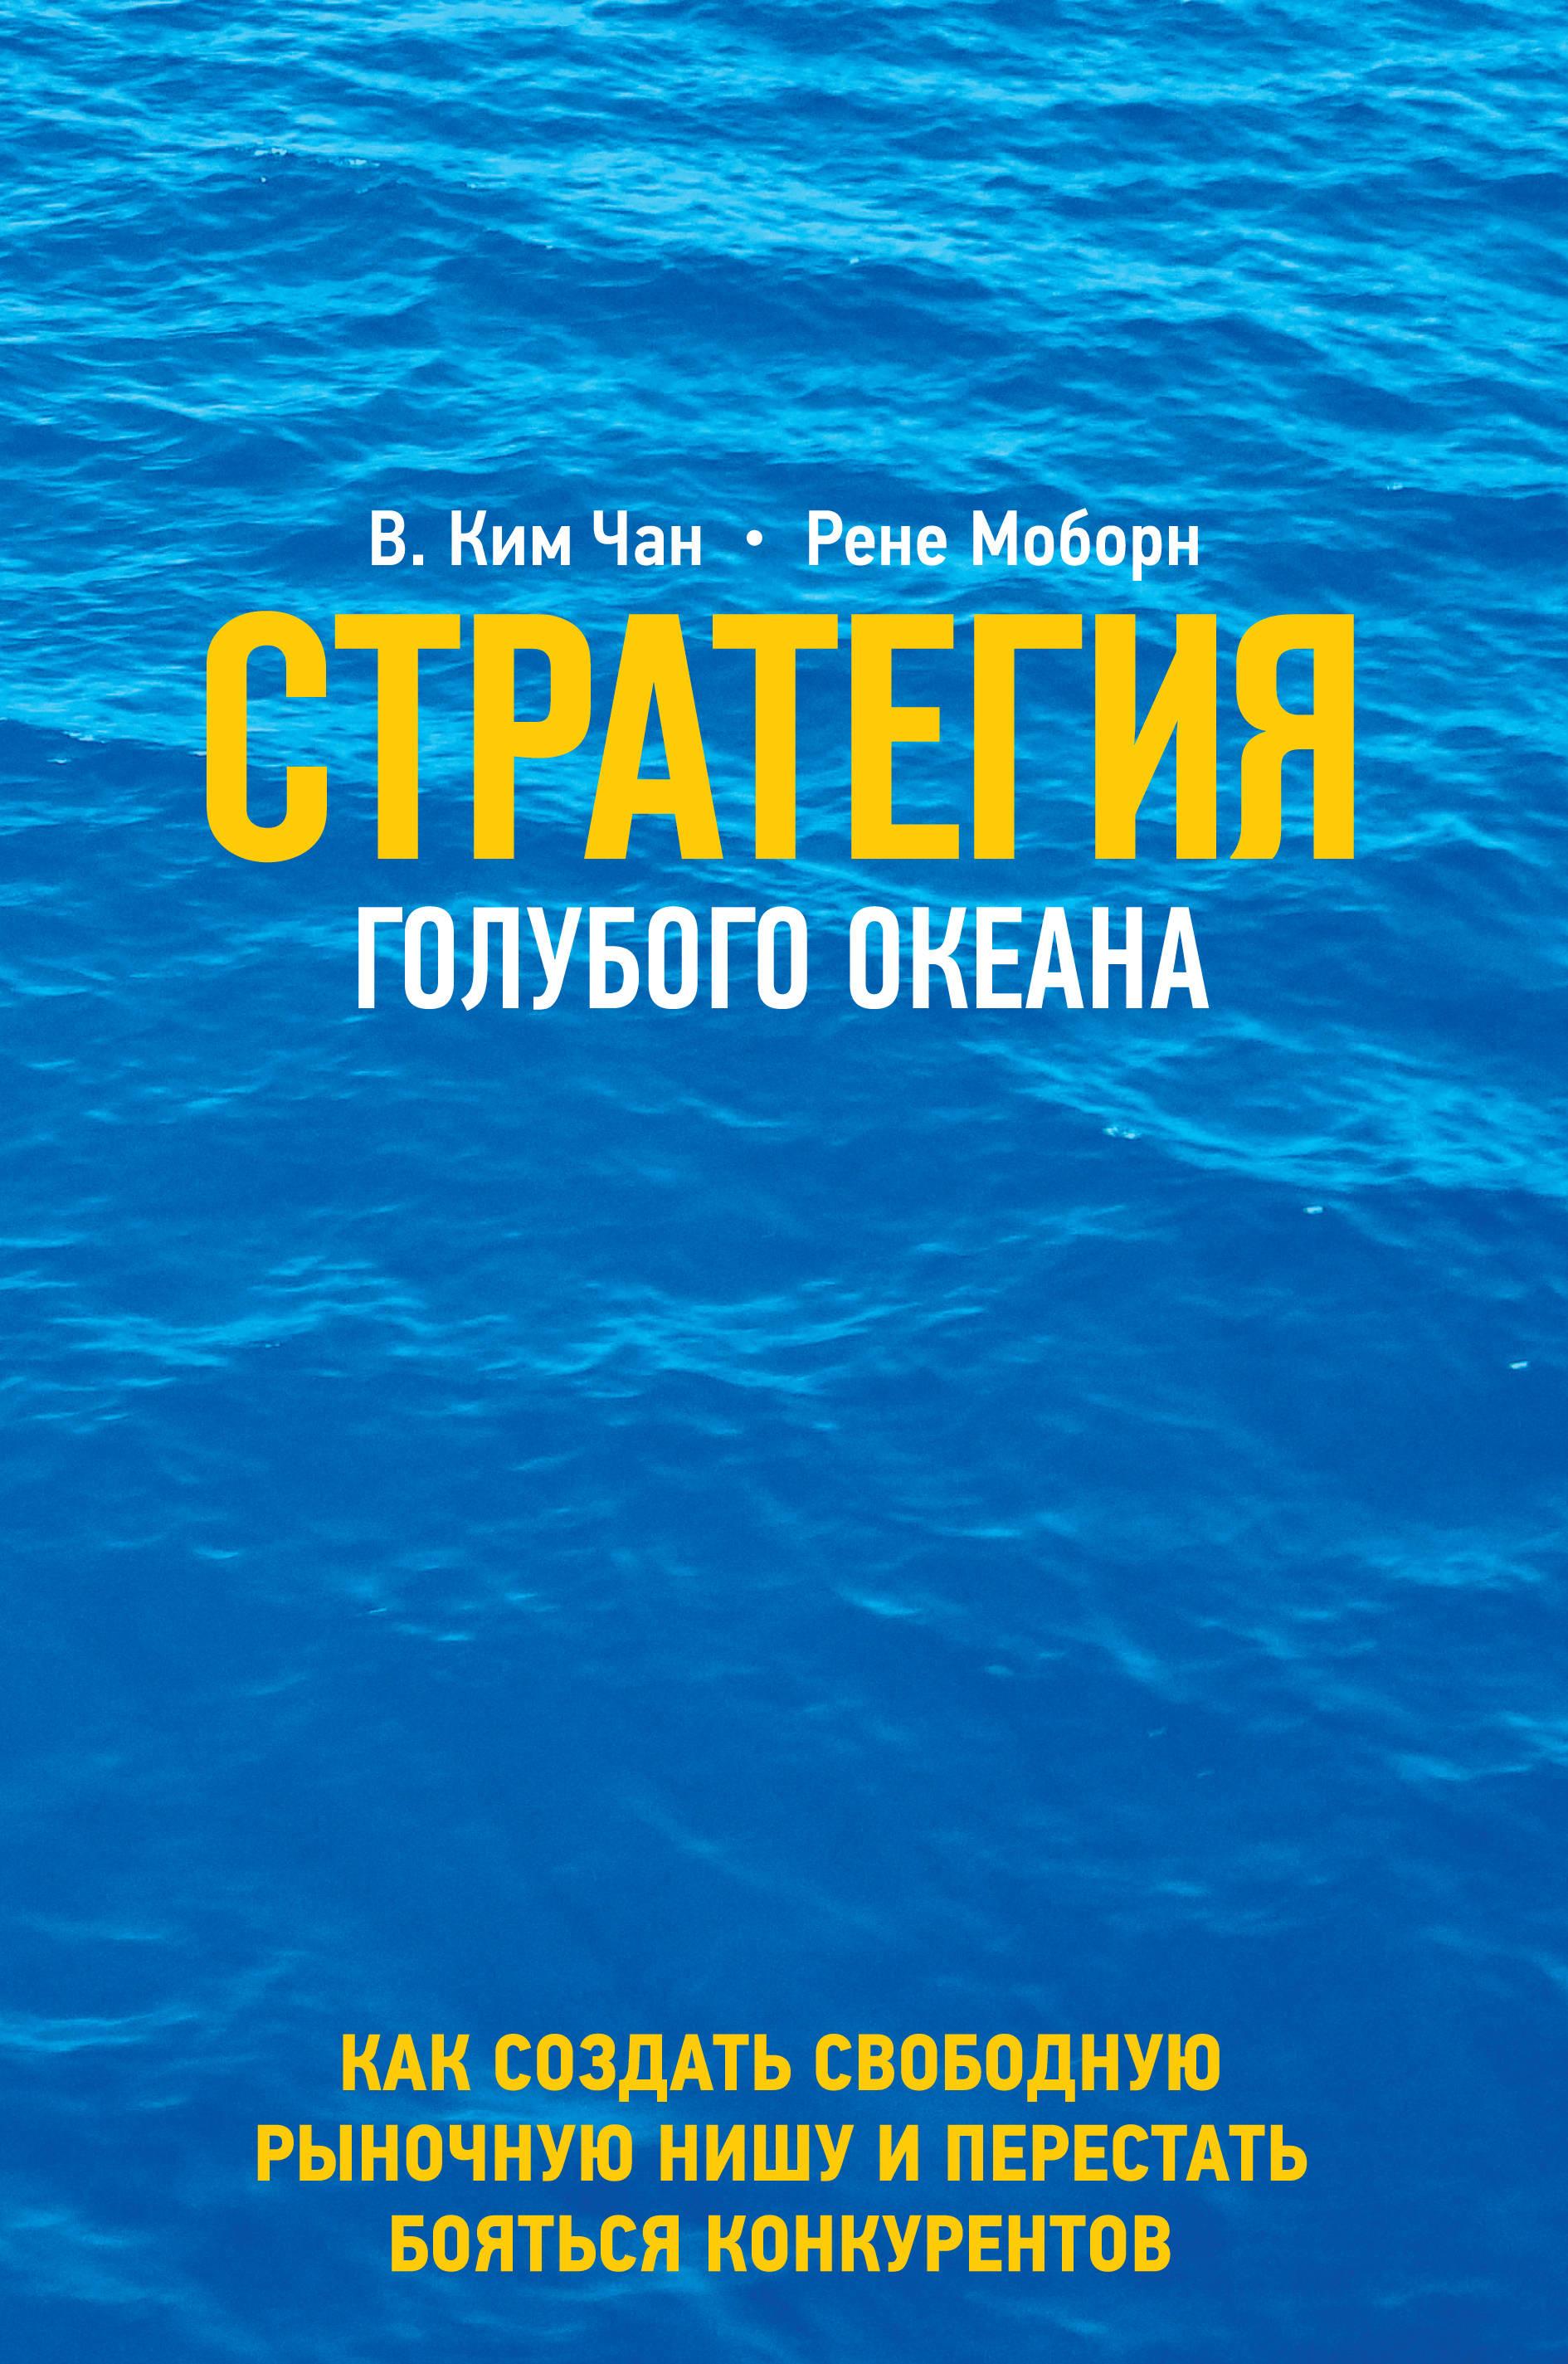 Стратегия голубого океана Ким Чан и Рене Моборн